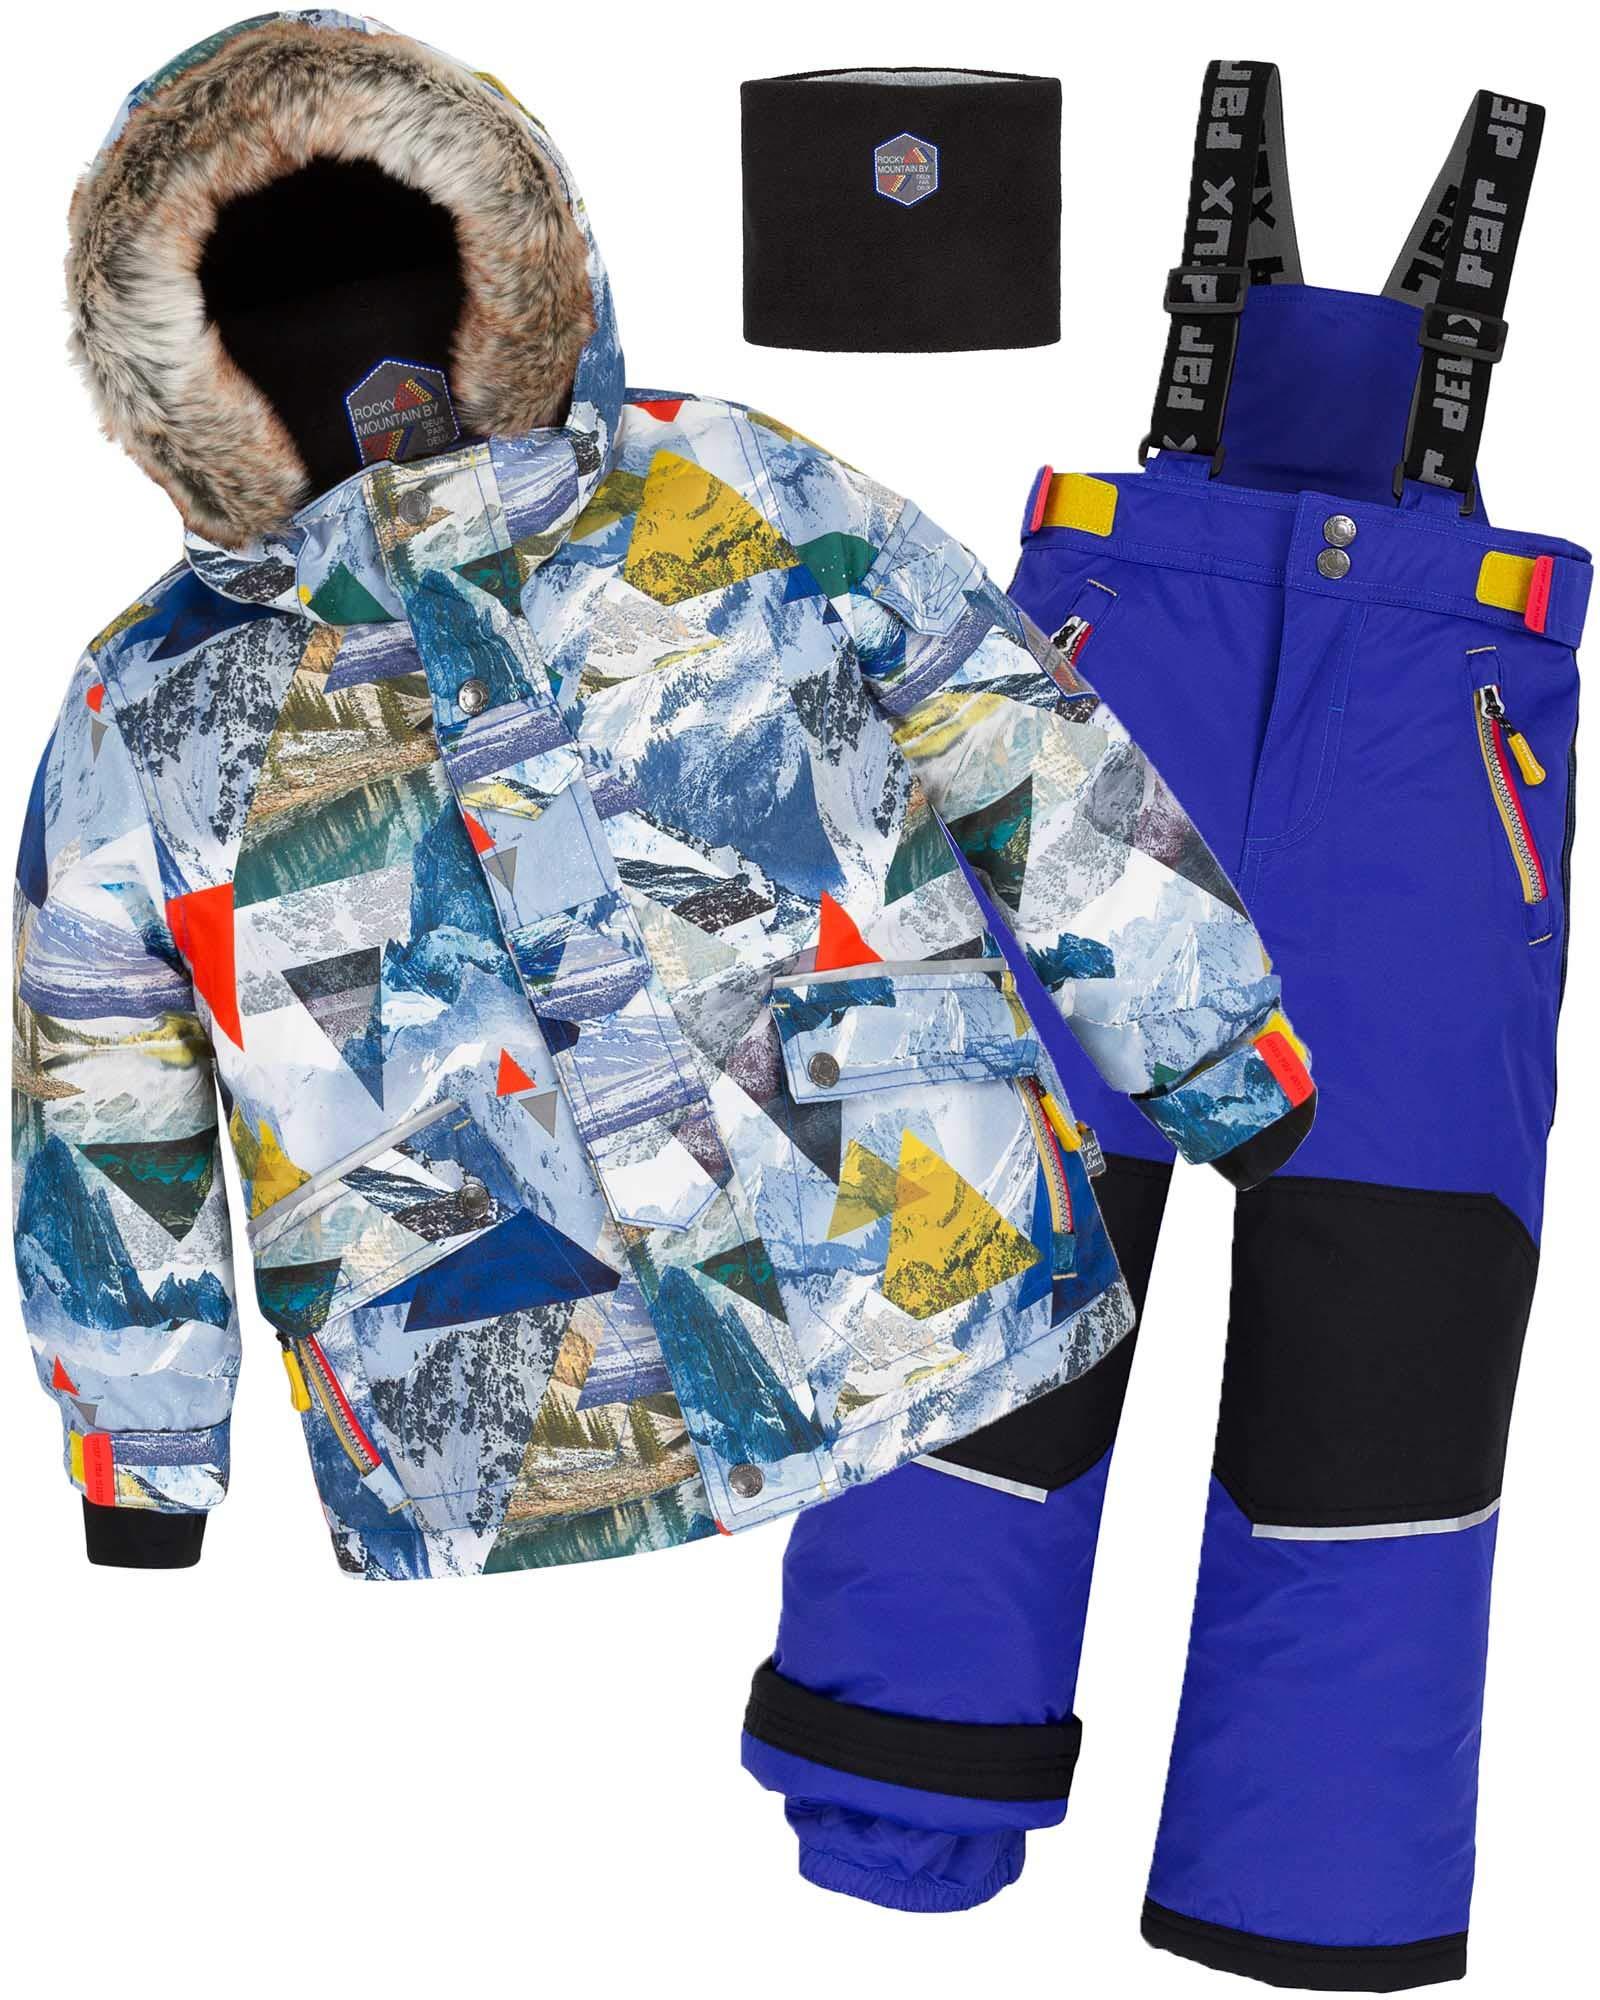 Deux par Deux Boys' 2-Piece Snowsuit Rock The Mountain Blue, Sizes 4-14 - 14